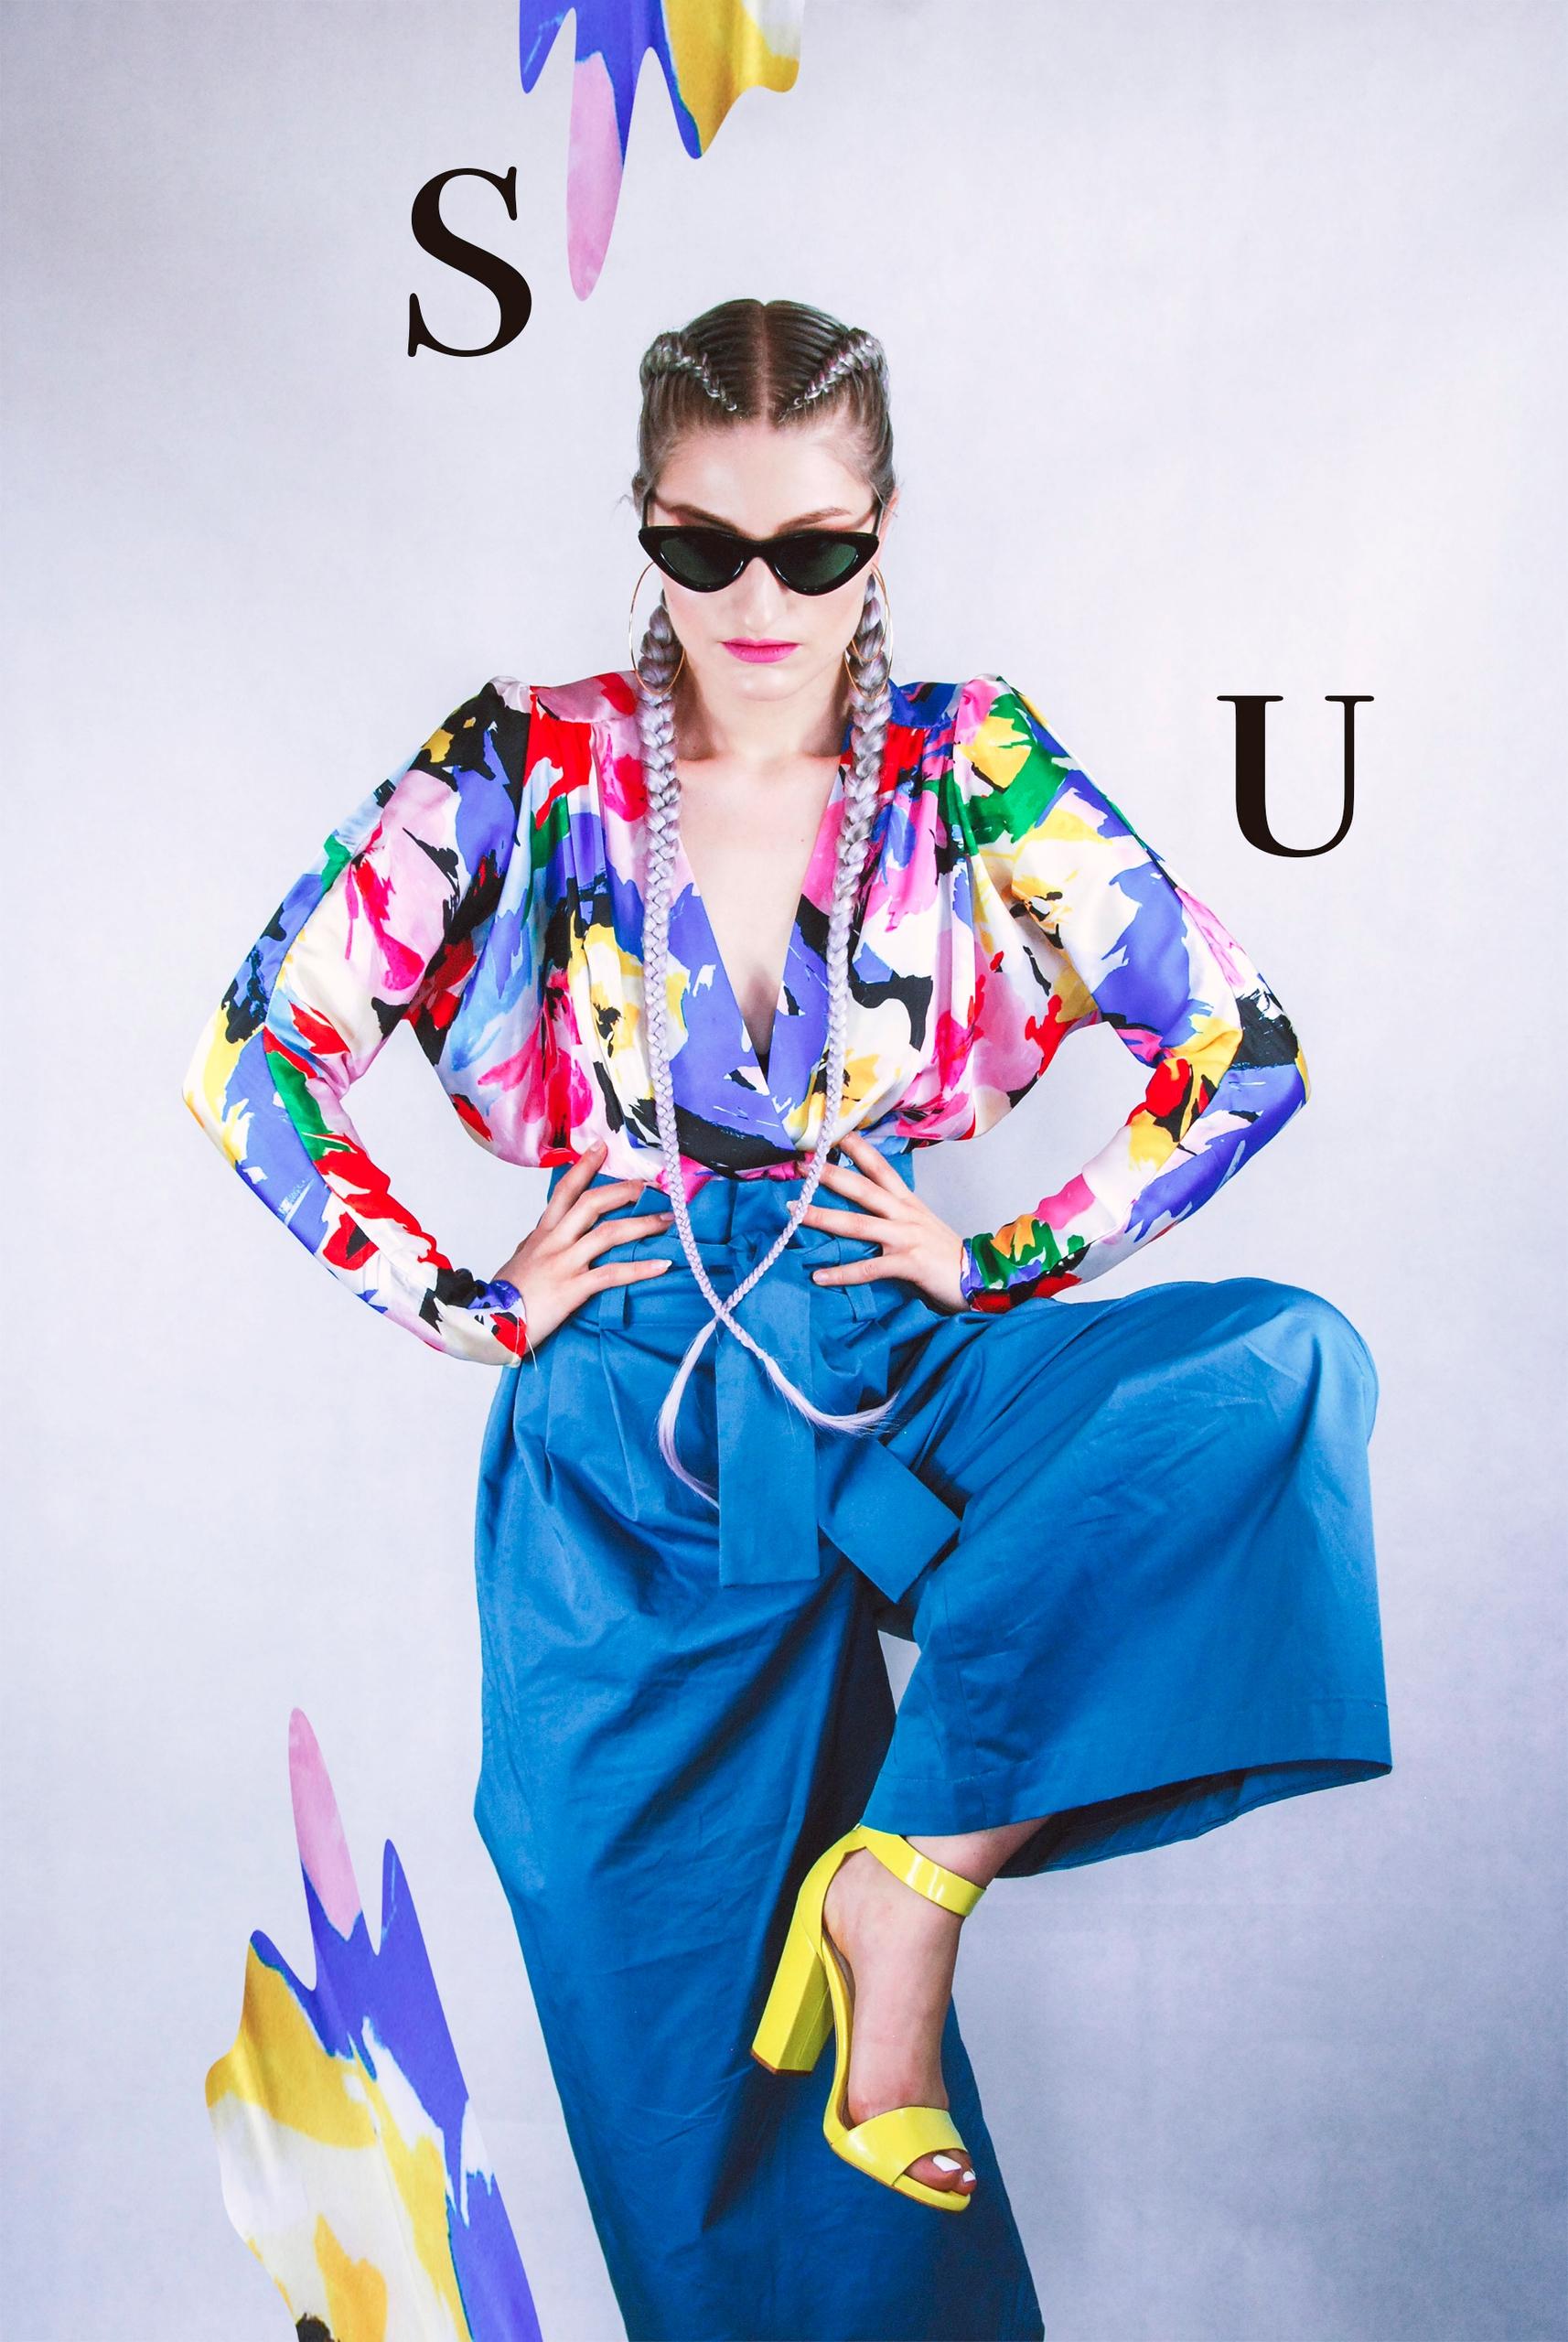 Zdjęcie przedstawia sylwetkę kobiety w niebieskich spodniach, kolorowej bluzce. Kobieta podnosi nogę do góry, widzimy jej żółty but. Na zdjęciu widnieje czarny napis i graficzne elementy.